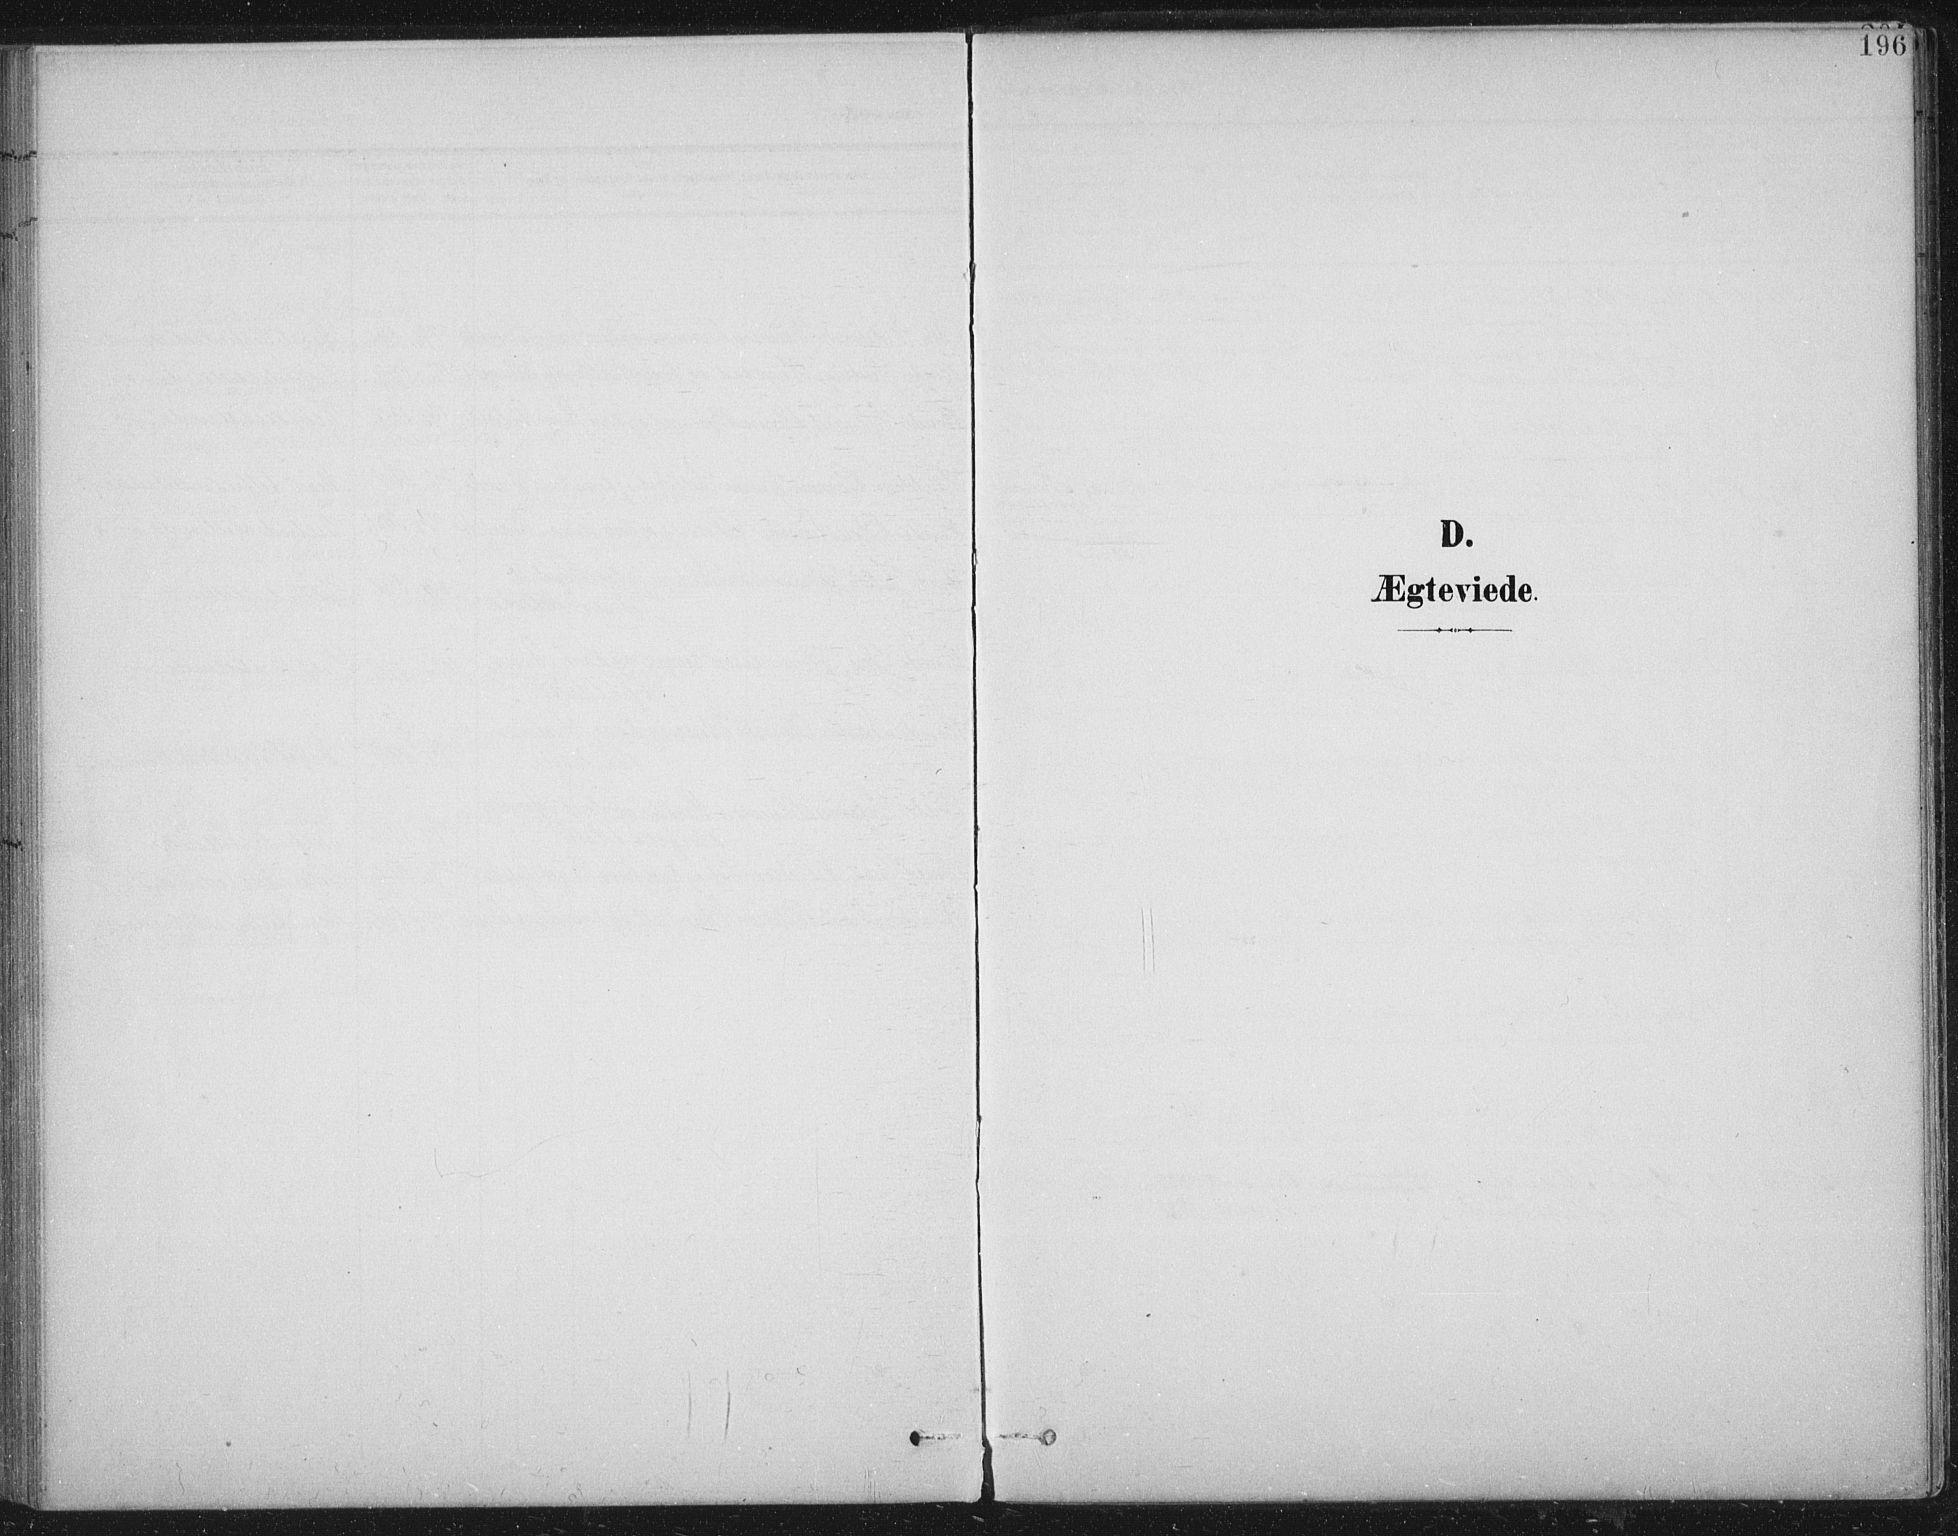 SAT, Ministerialprotokoller, klokkerbøker og fødselsregistre - Nord-Trøndelag, 724/L0269: Klokkerbok nr. 724C05, 1899-1920, s. 196